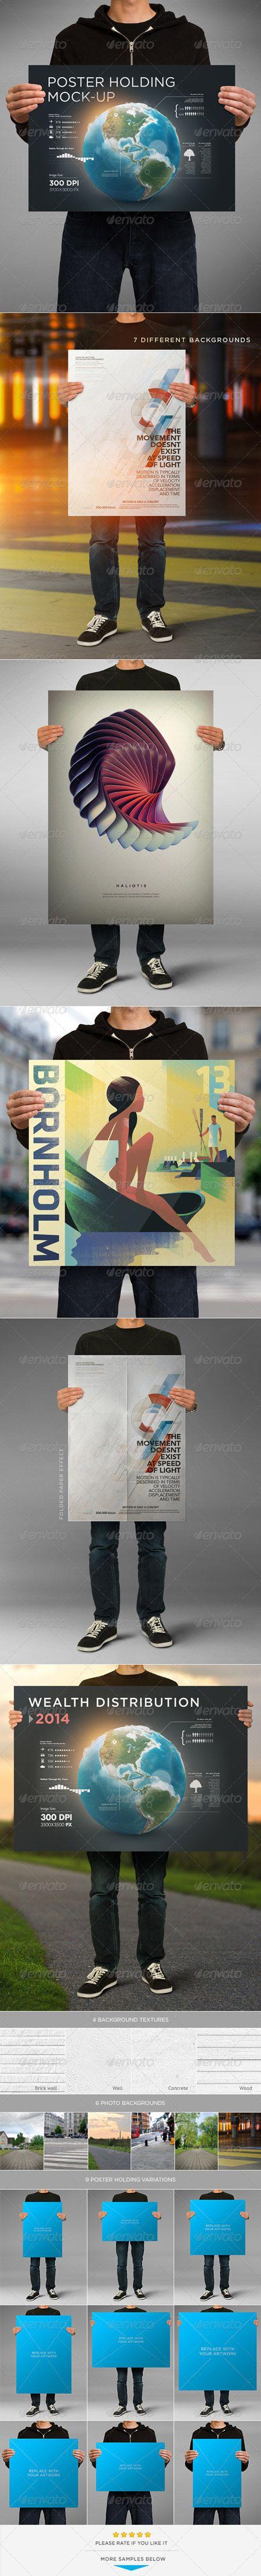 6 poster design photo mockups 57079 - 6 Poster Design Photo Mockups 57079 6 Poster Design Photo Mockups 57079 Poster Holding Mock